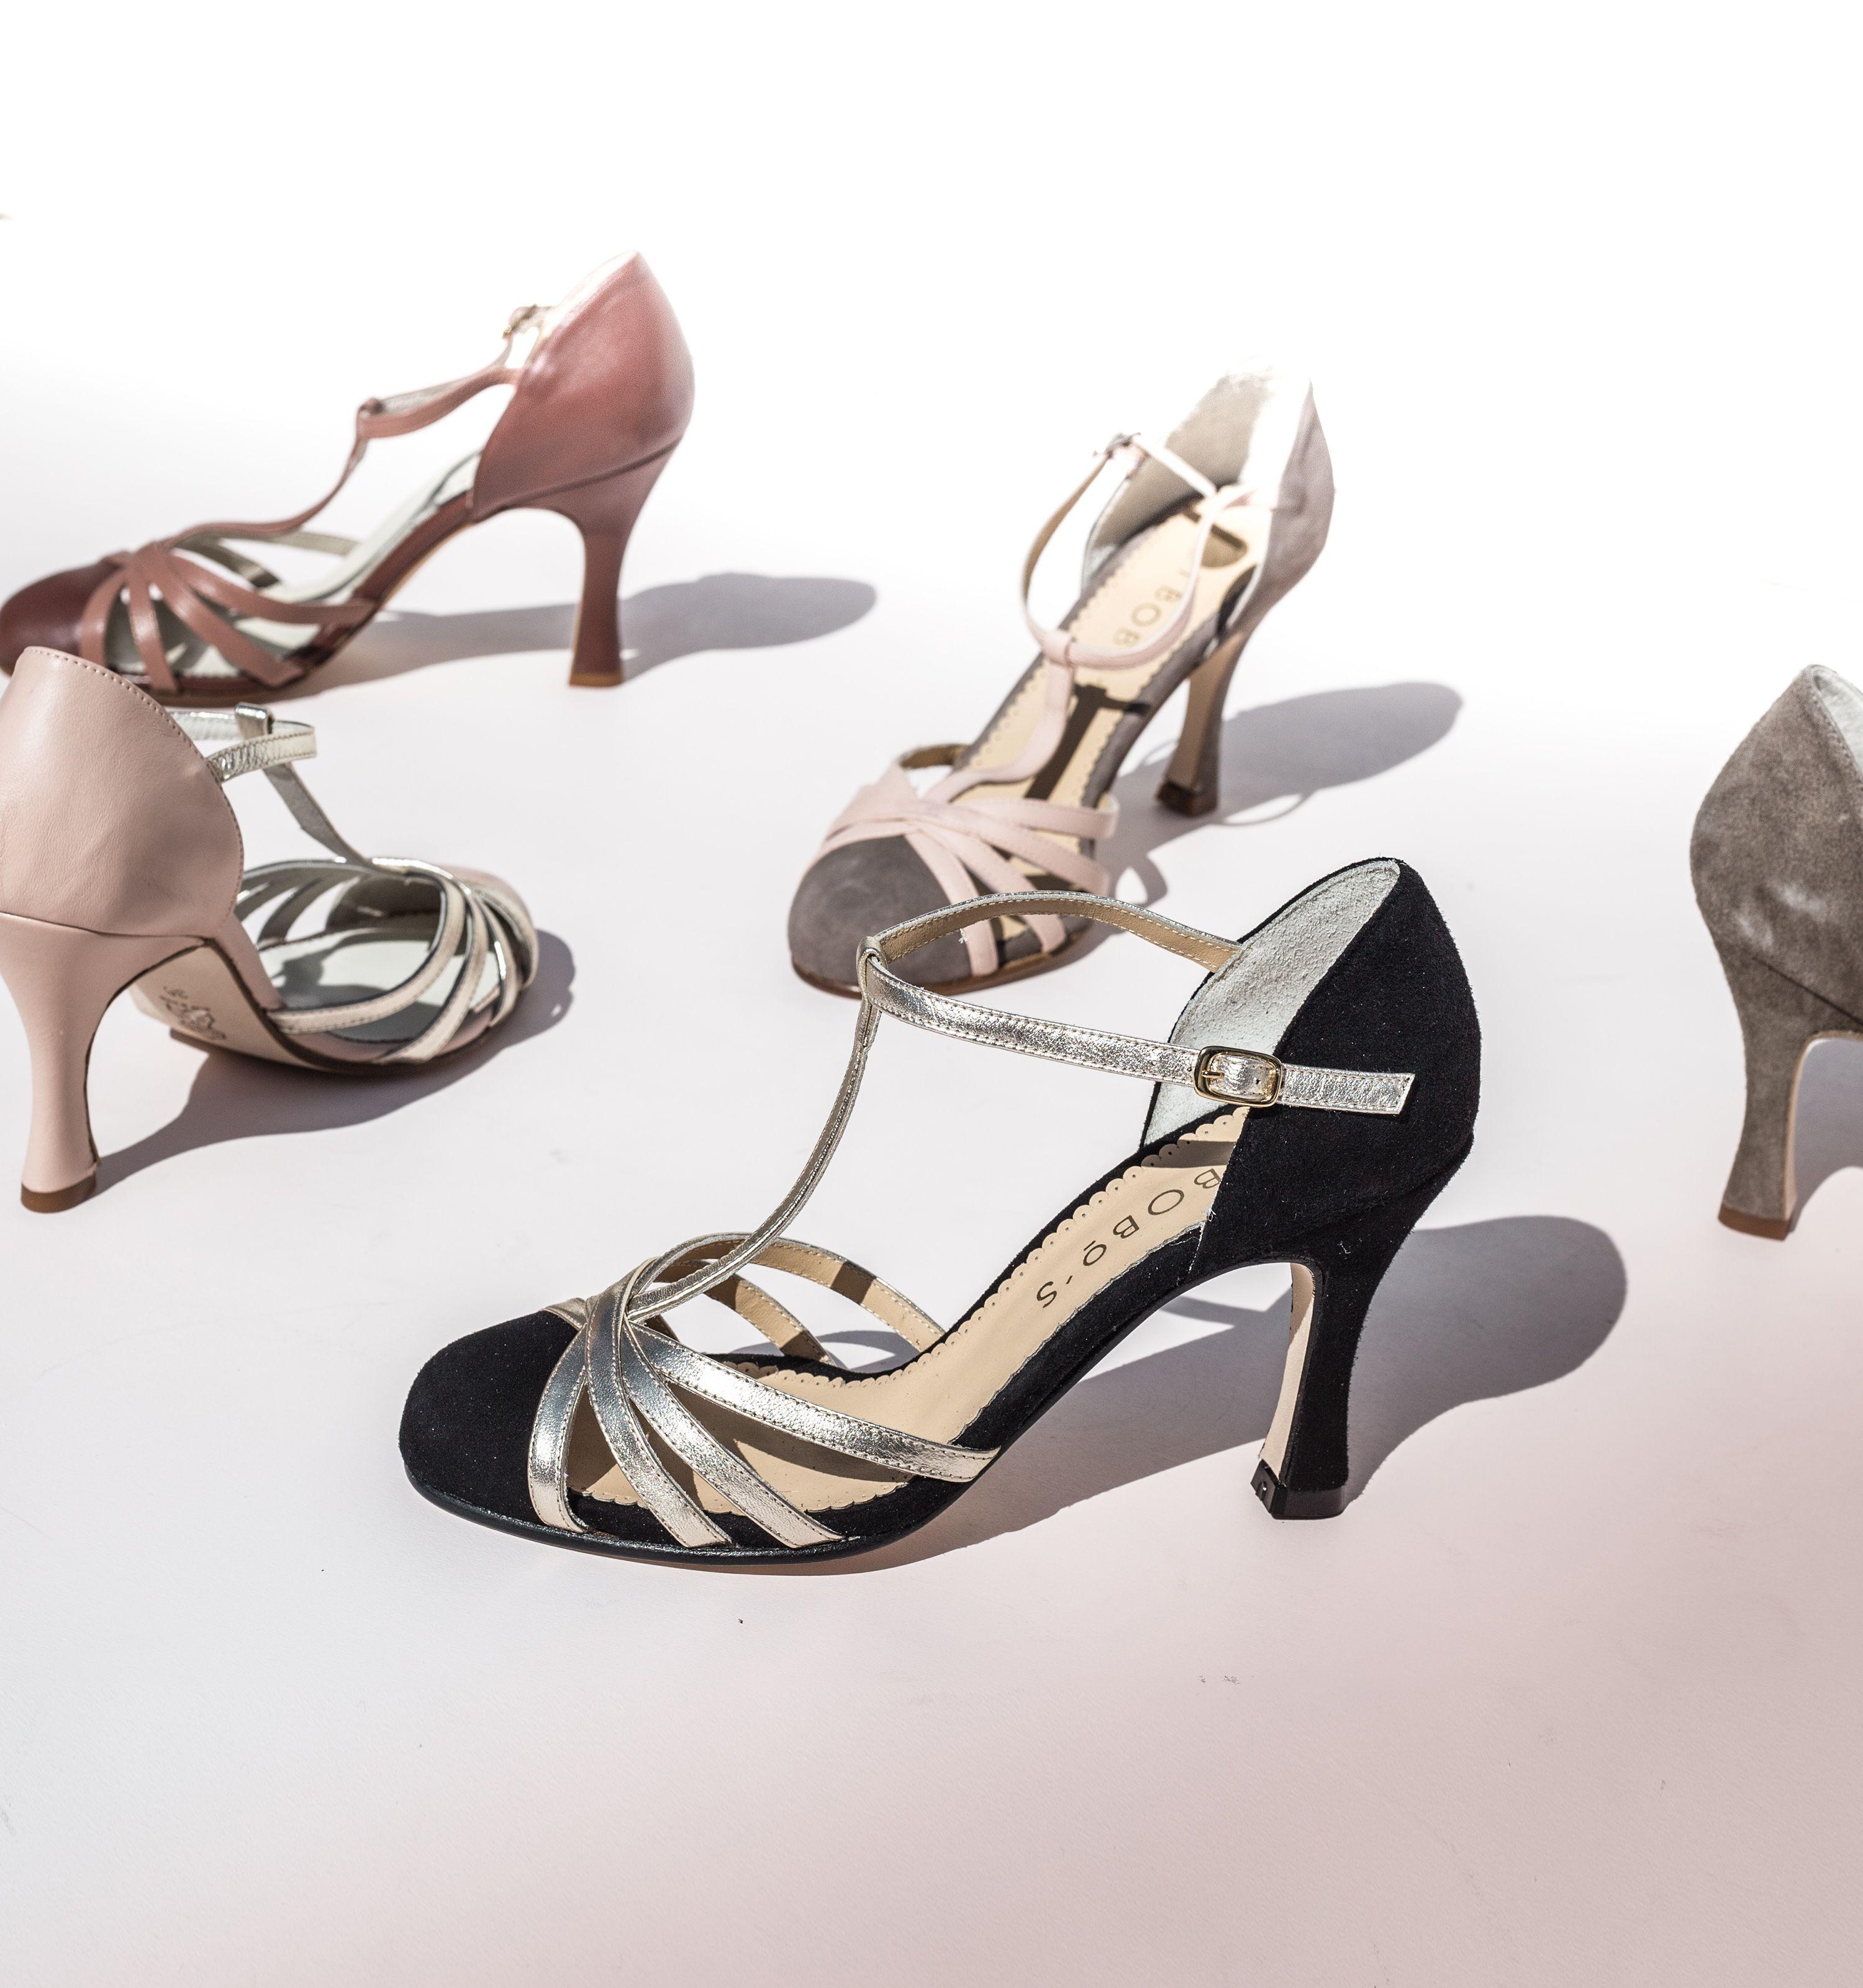 huge selection of 5fedc 64a14 Zapatos de tacón estilo años 20. Nos gustan los años 20 por su estilo  elegante